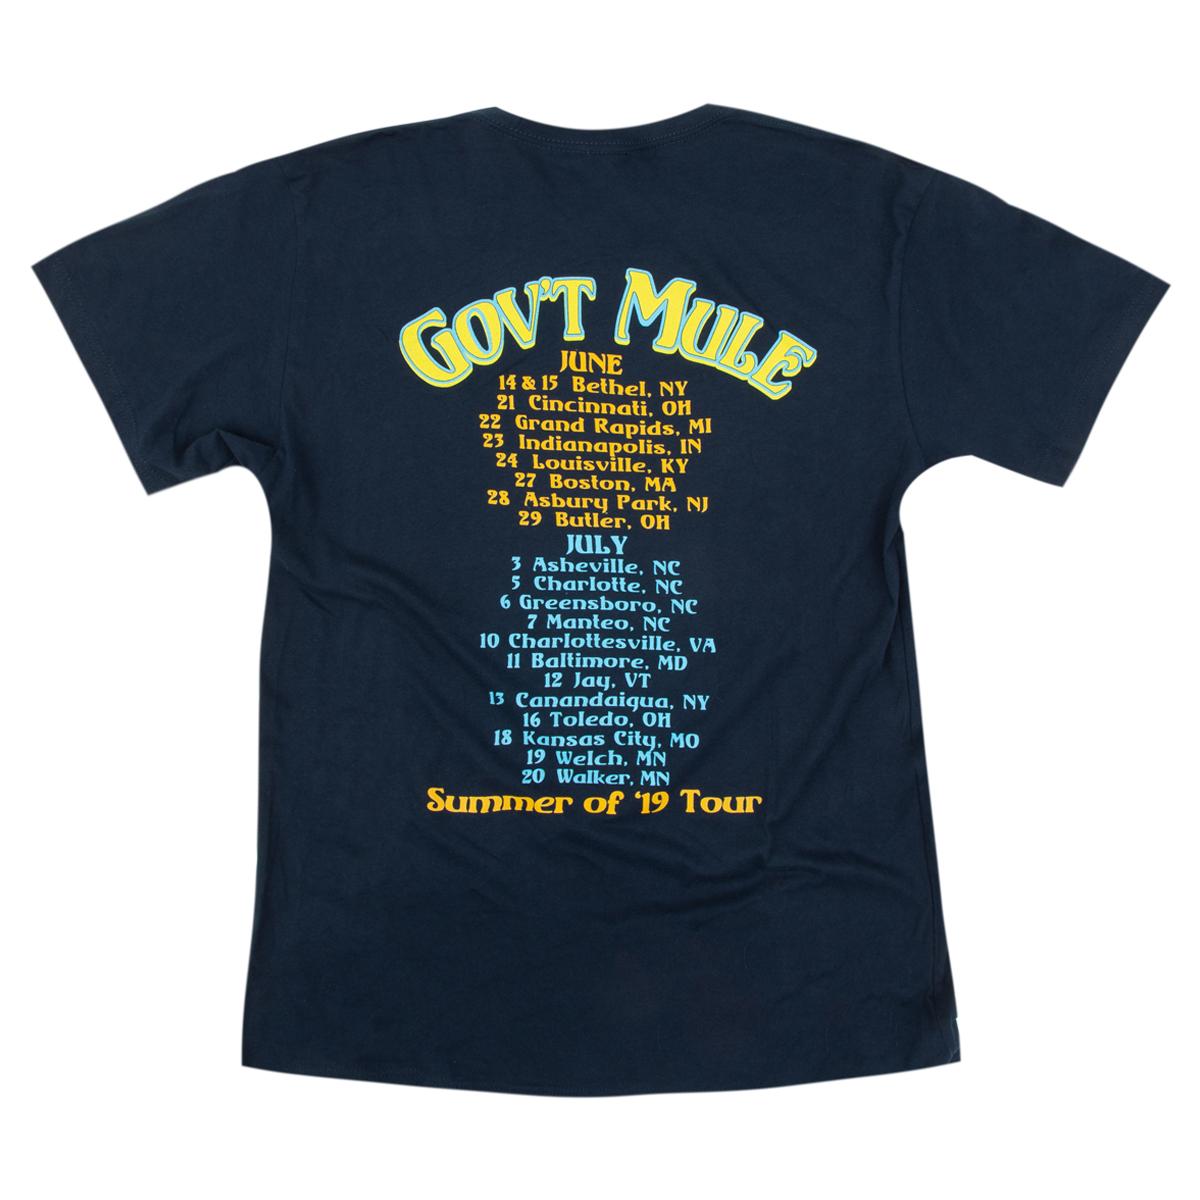 Summer of '19 Tour T-Shirt (June & July Dates)